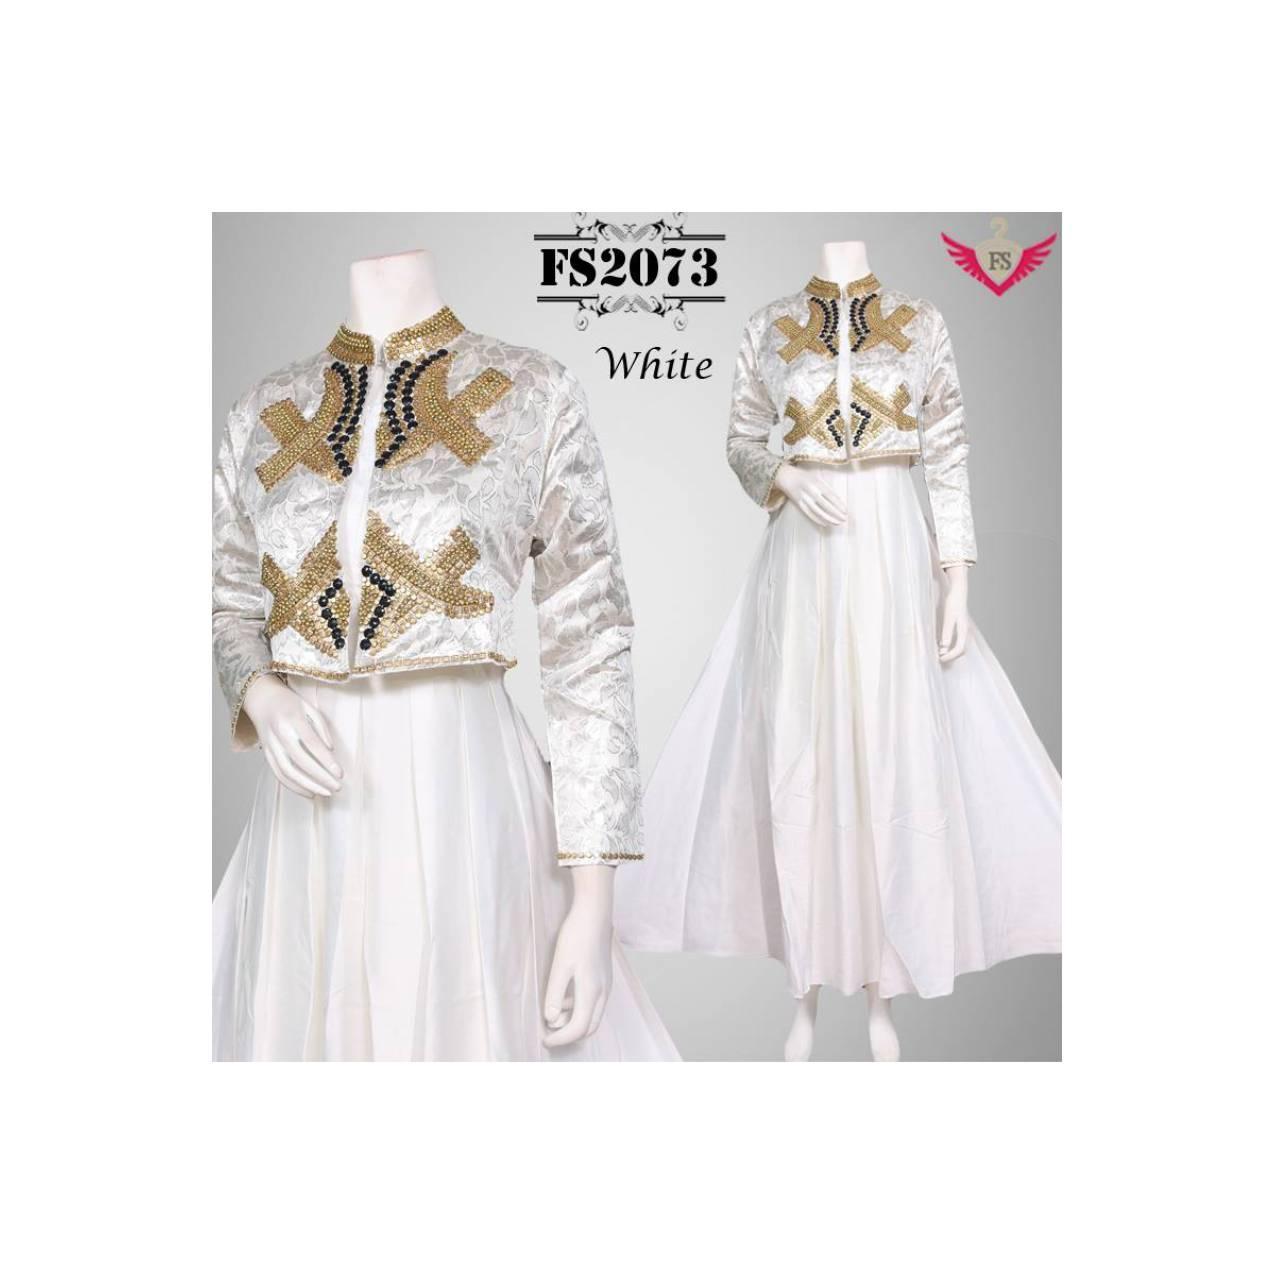 baju muslim model terbaru 2016 warna putih , baju gamis modern